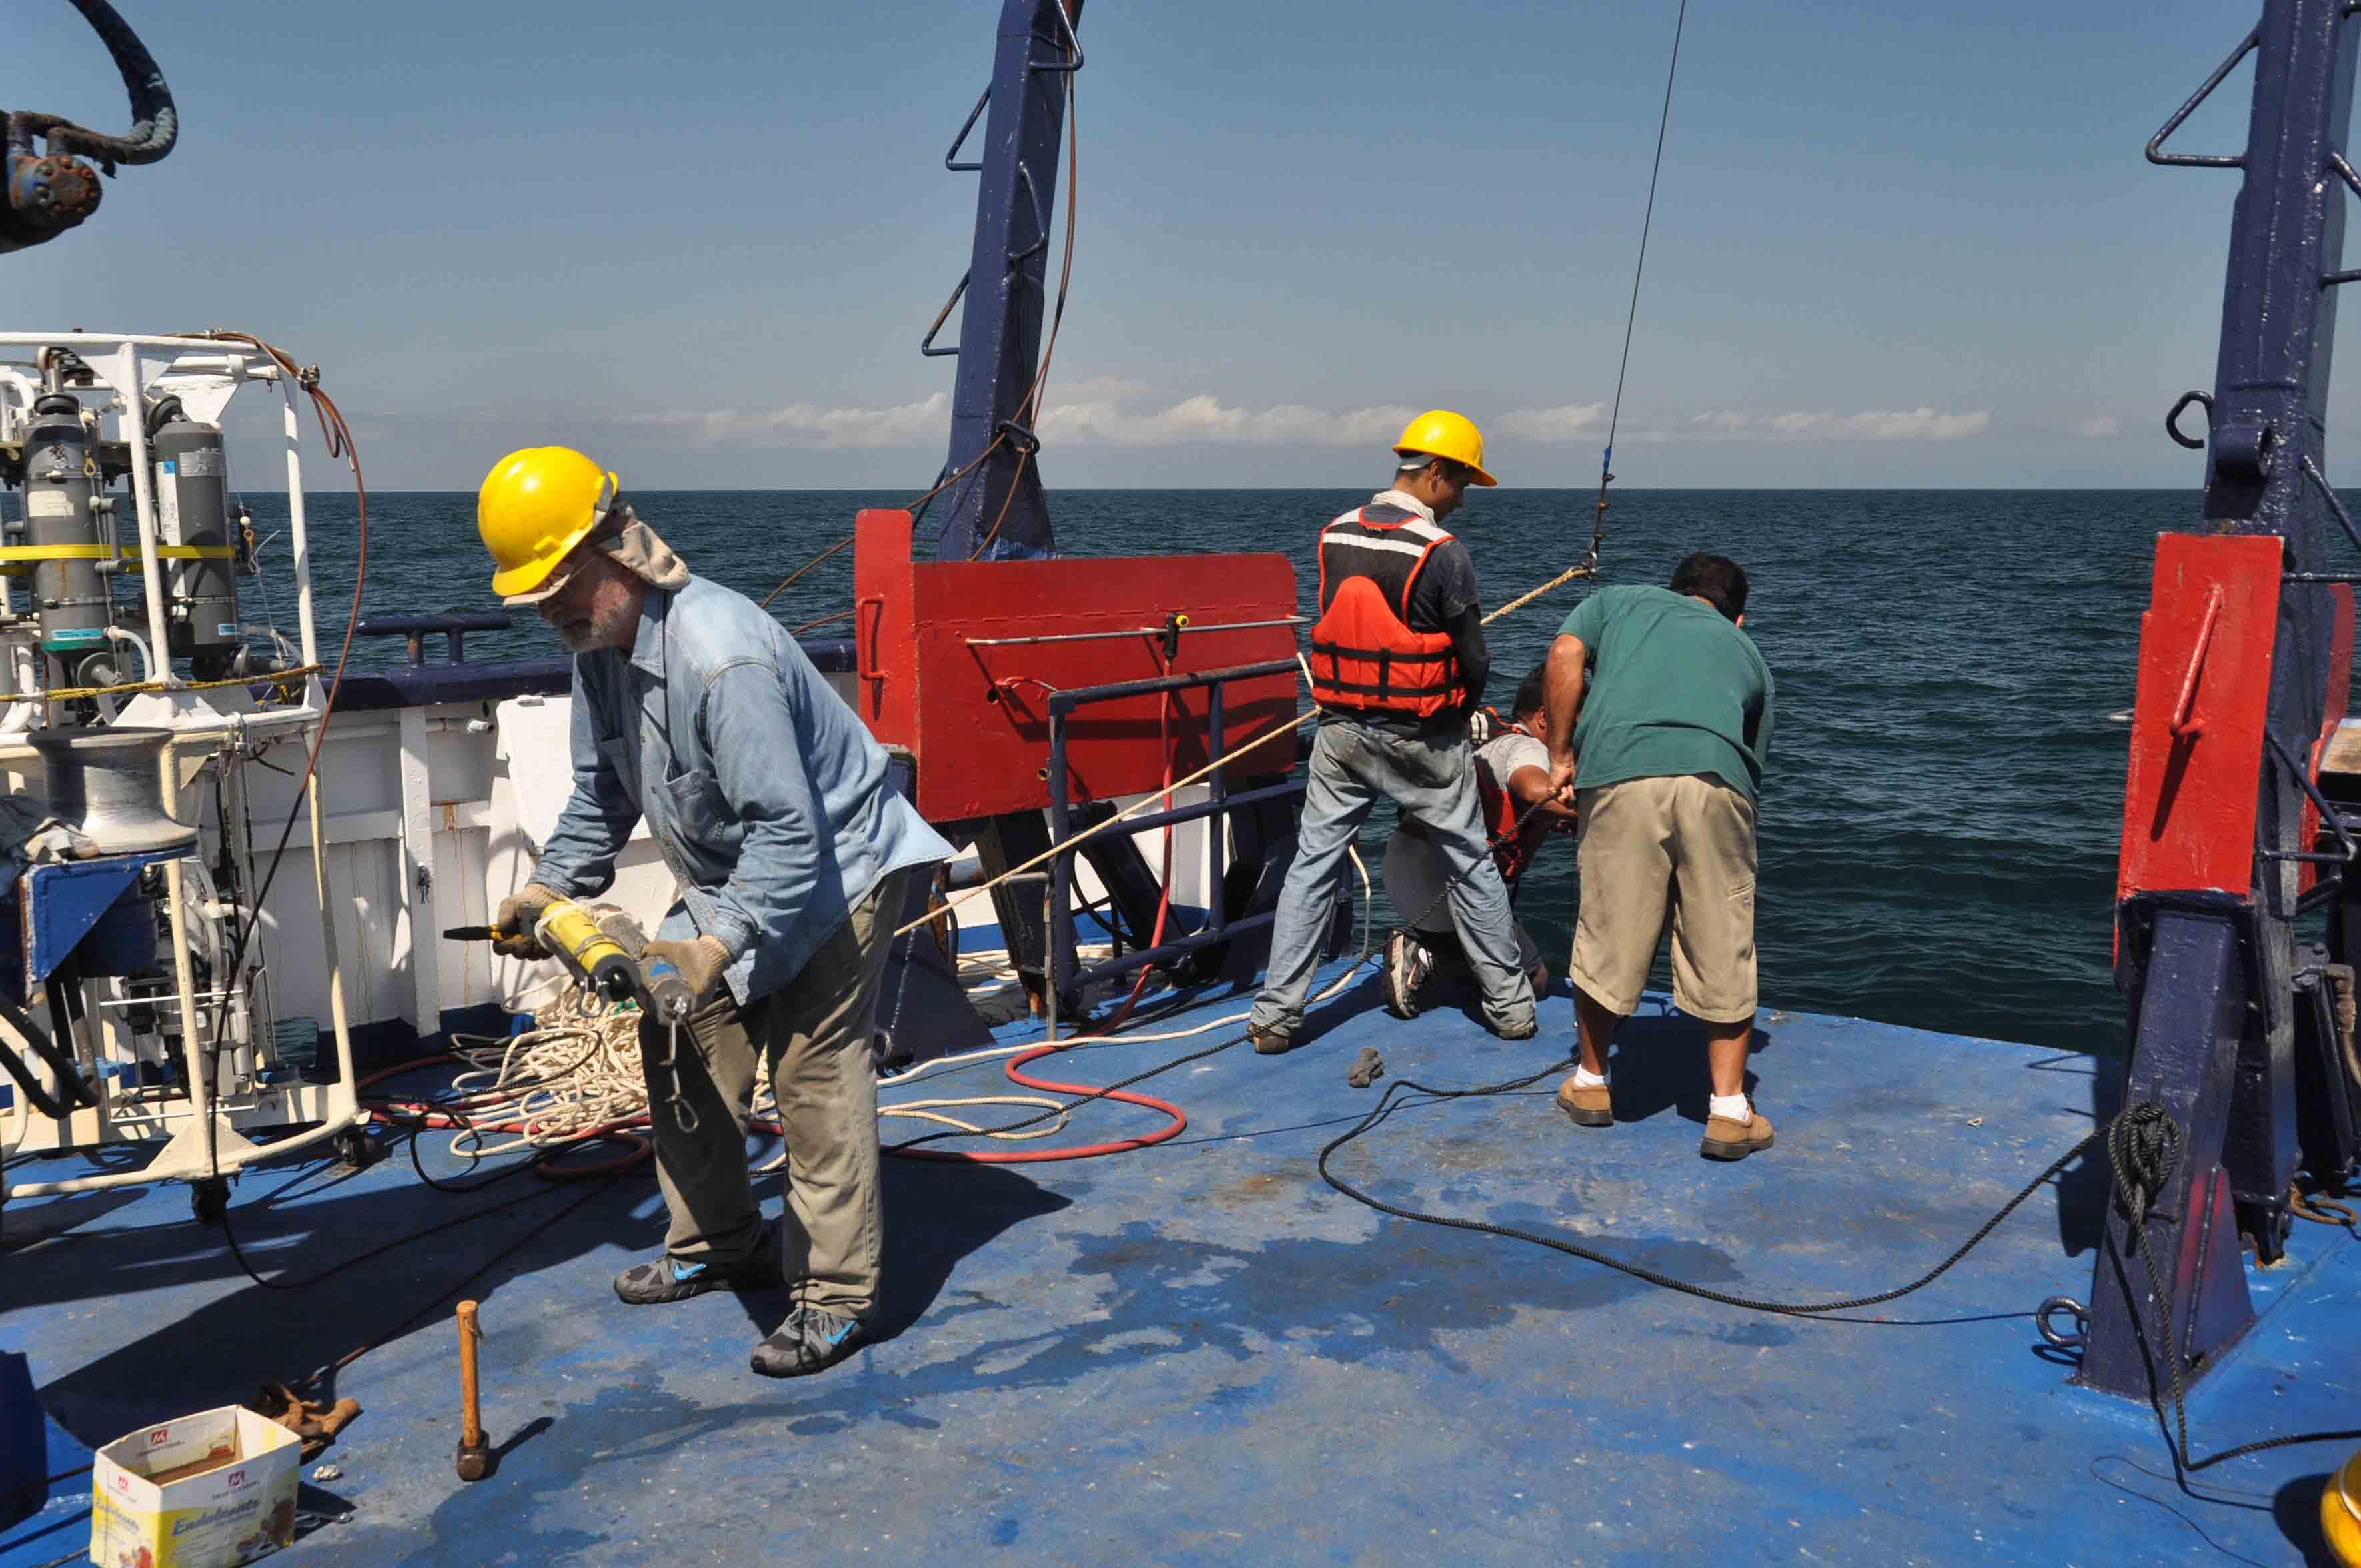 Investigadores y equipos de apoyo, en plataforma de un barco bajando un liberador acústico hacia al océano para su estudio.